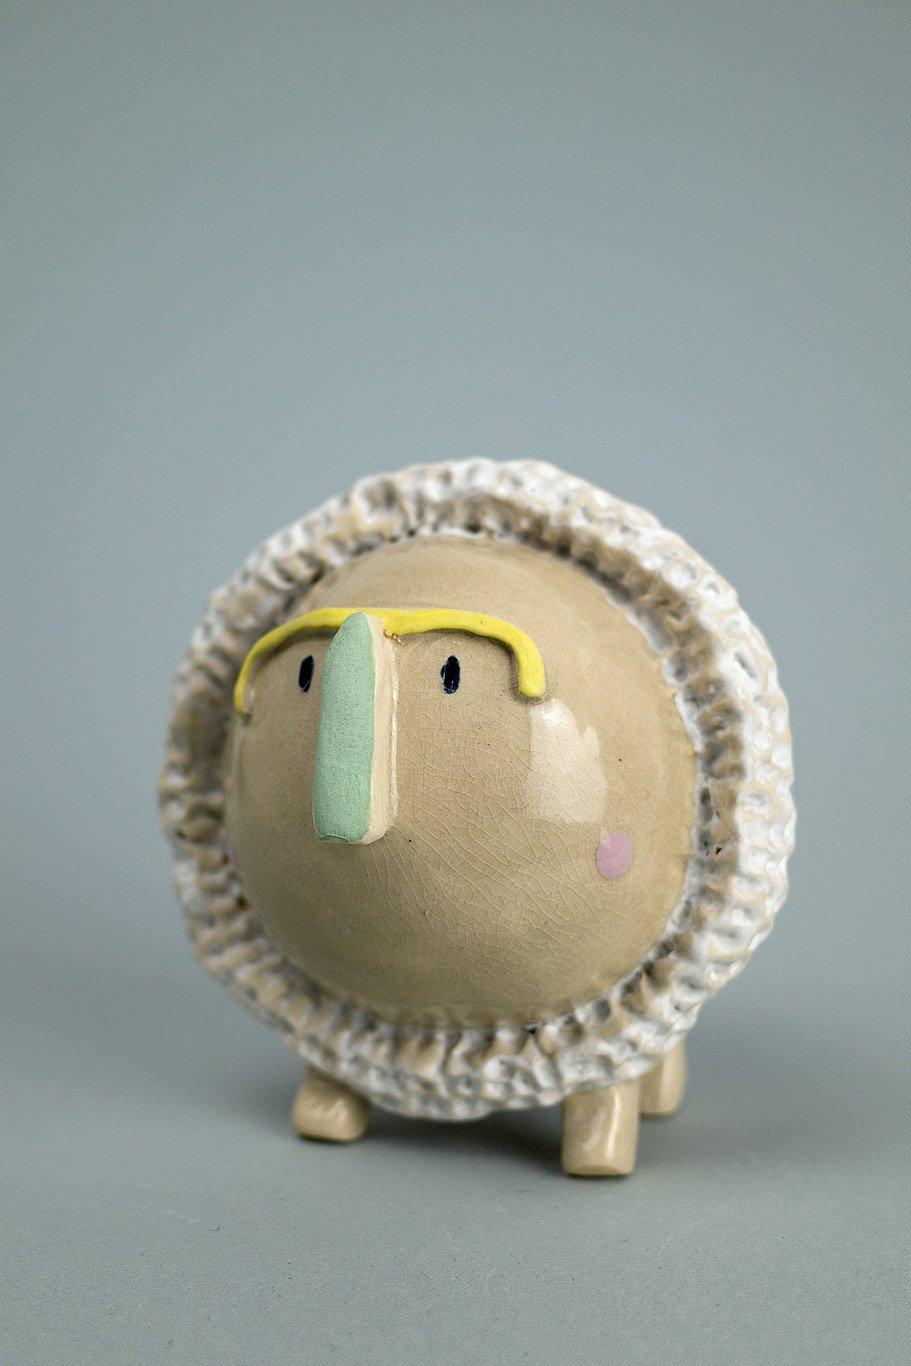 Image of Jar Creature No. 11